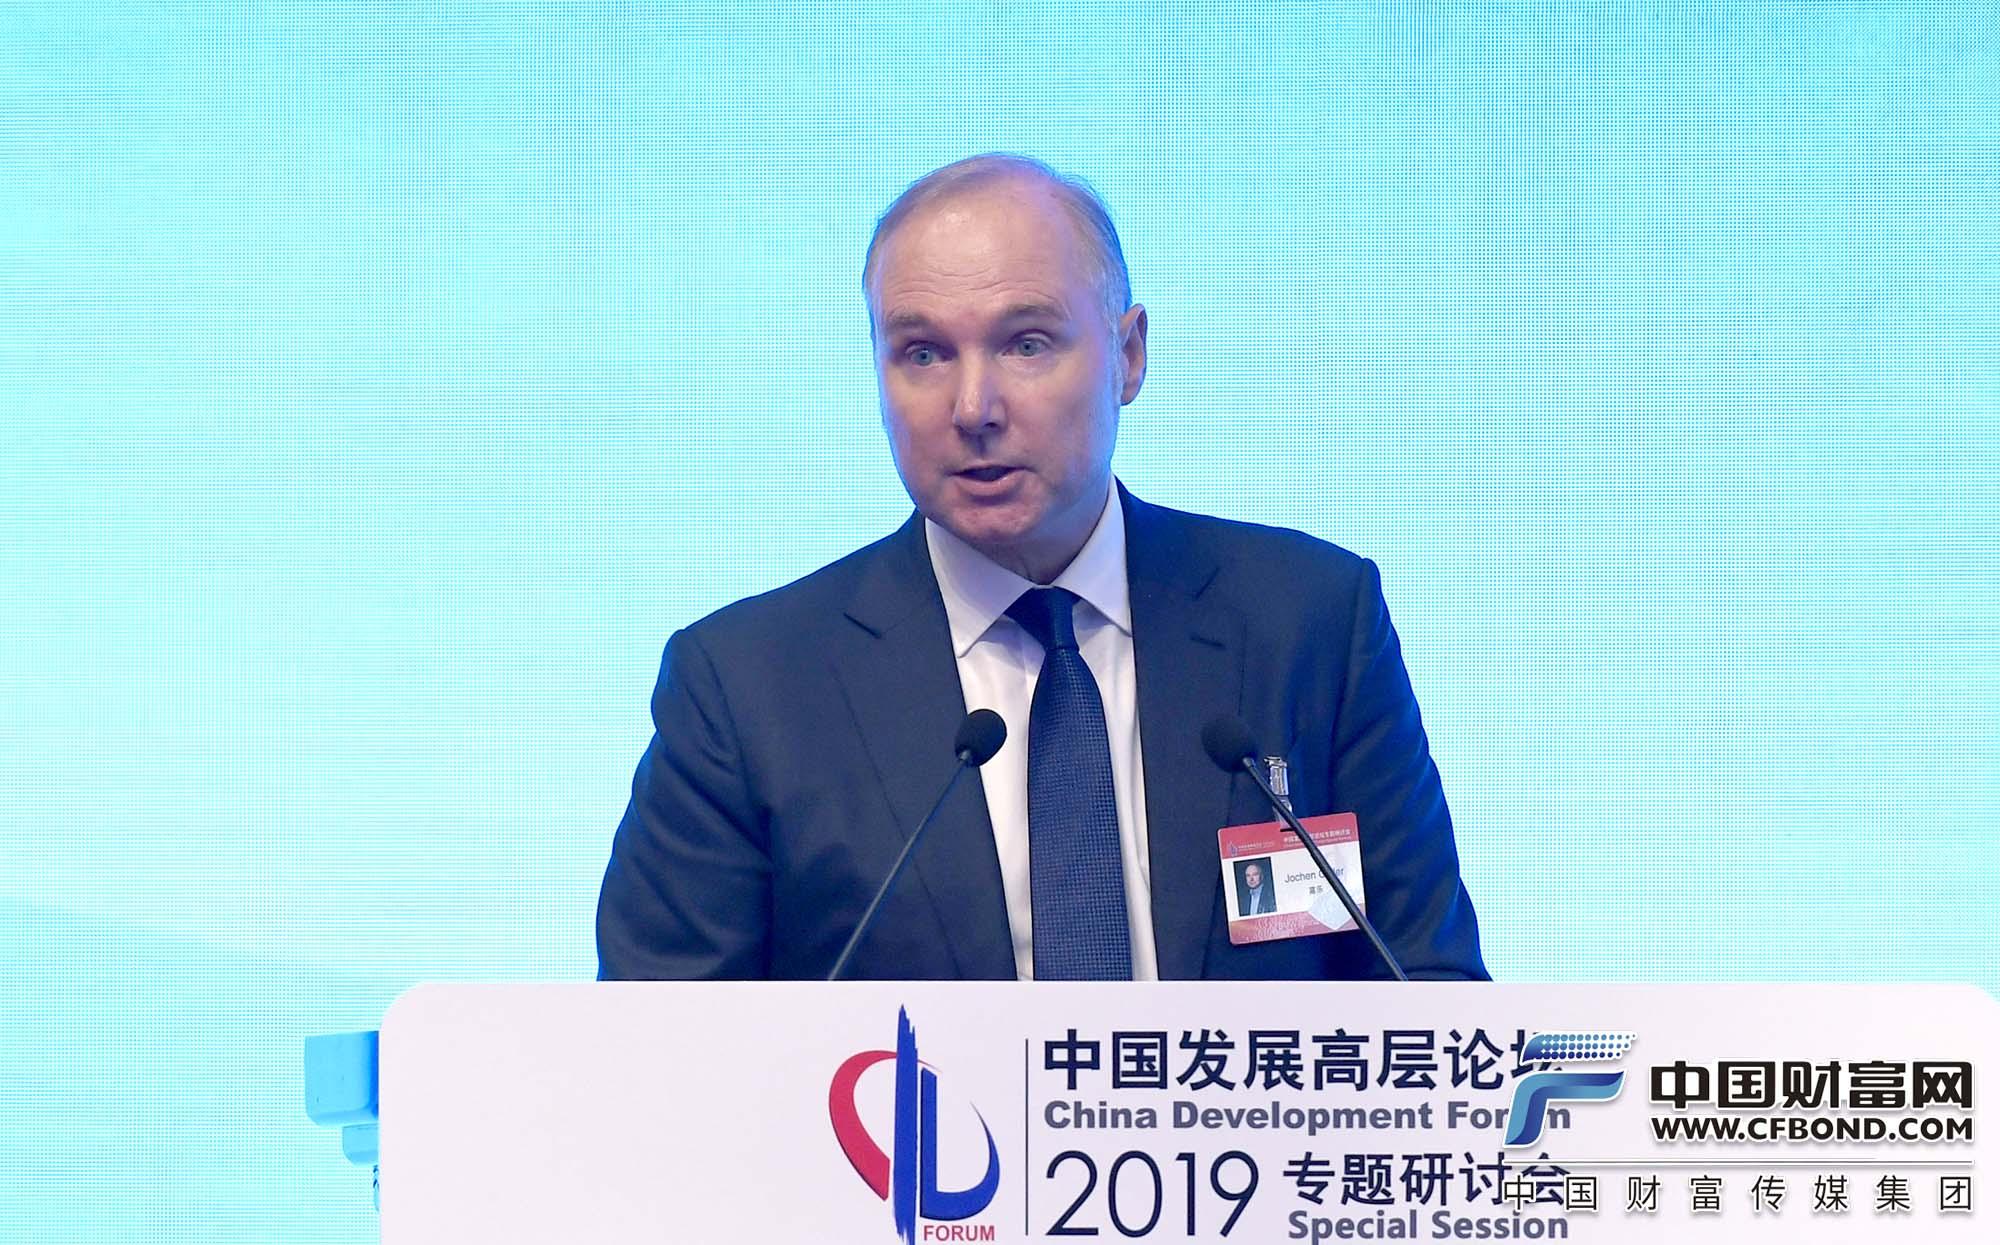 宝马集团大中华区总裁兼首席执行官高乐发言